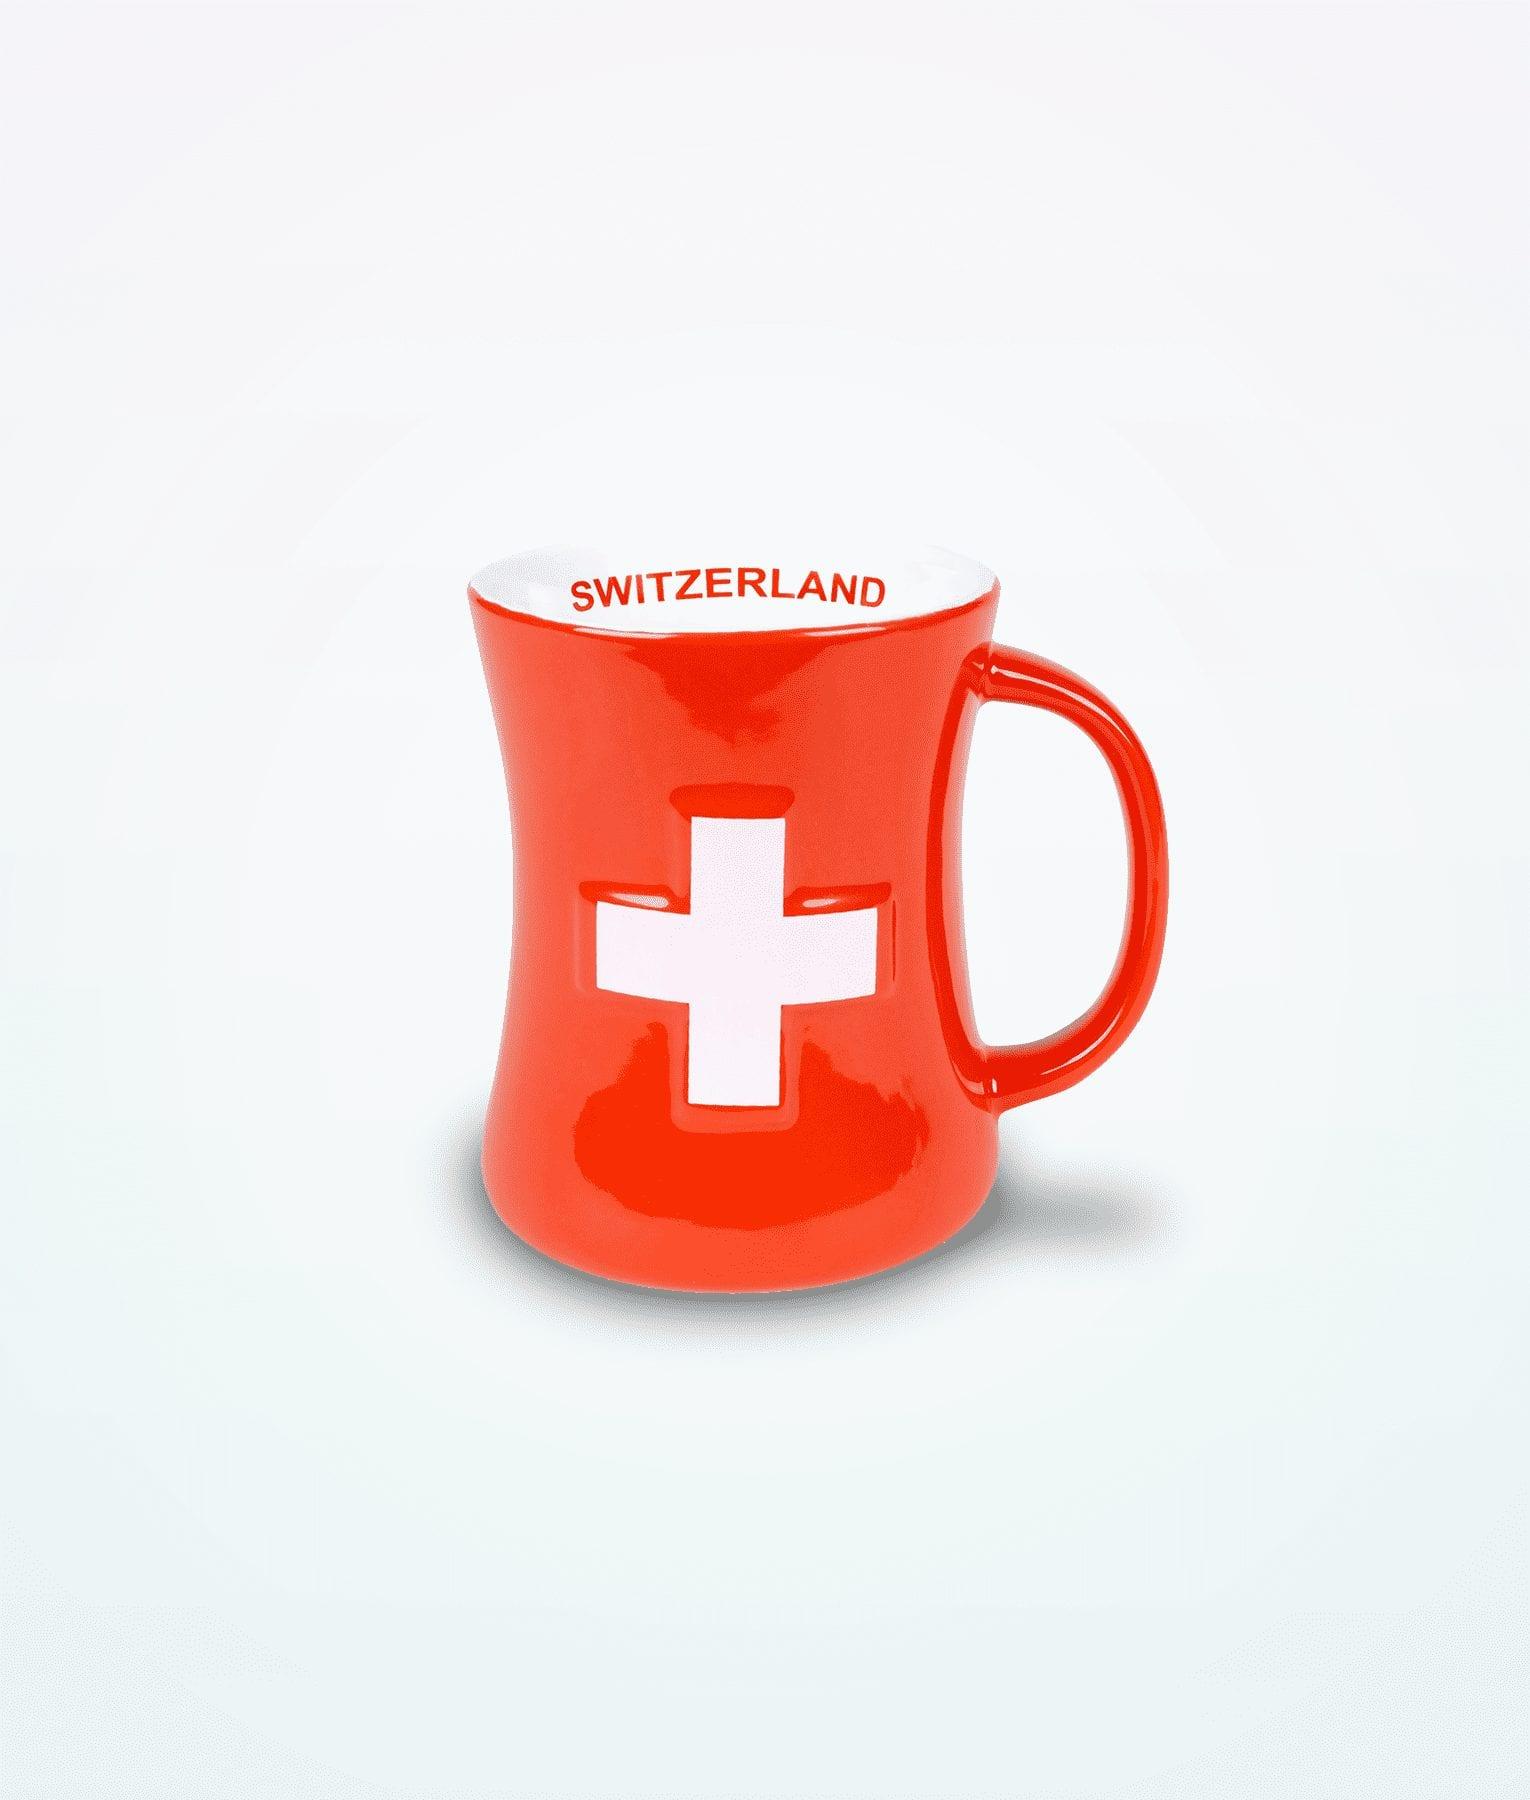 swiss-cross-red-mug